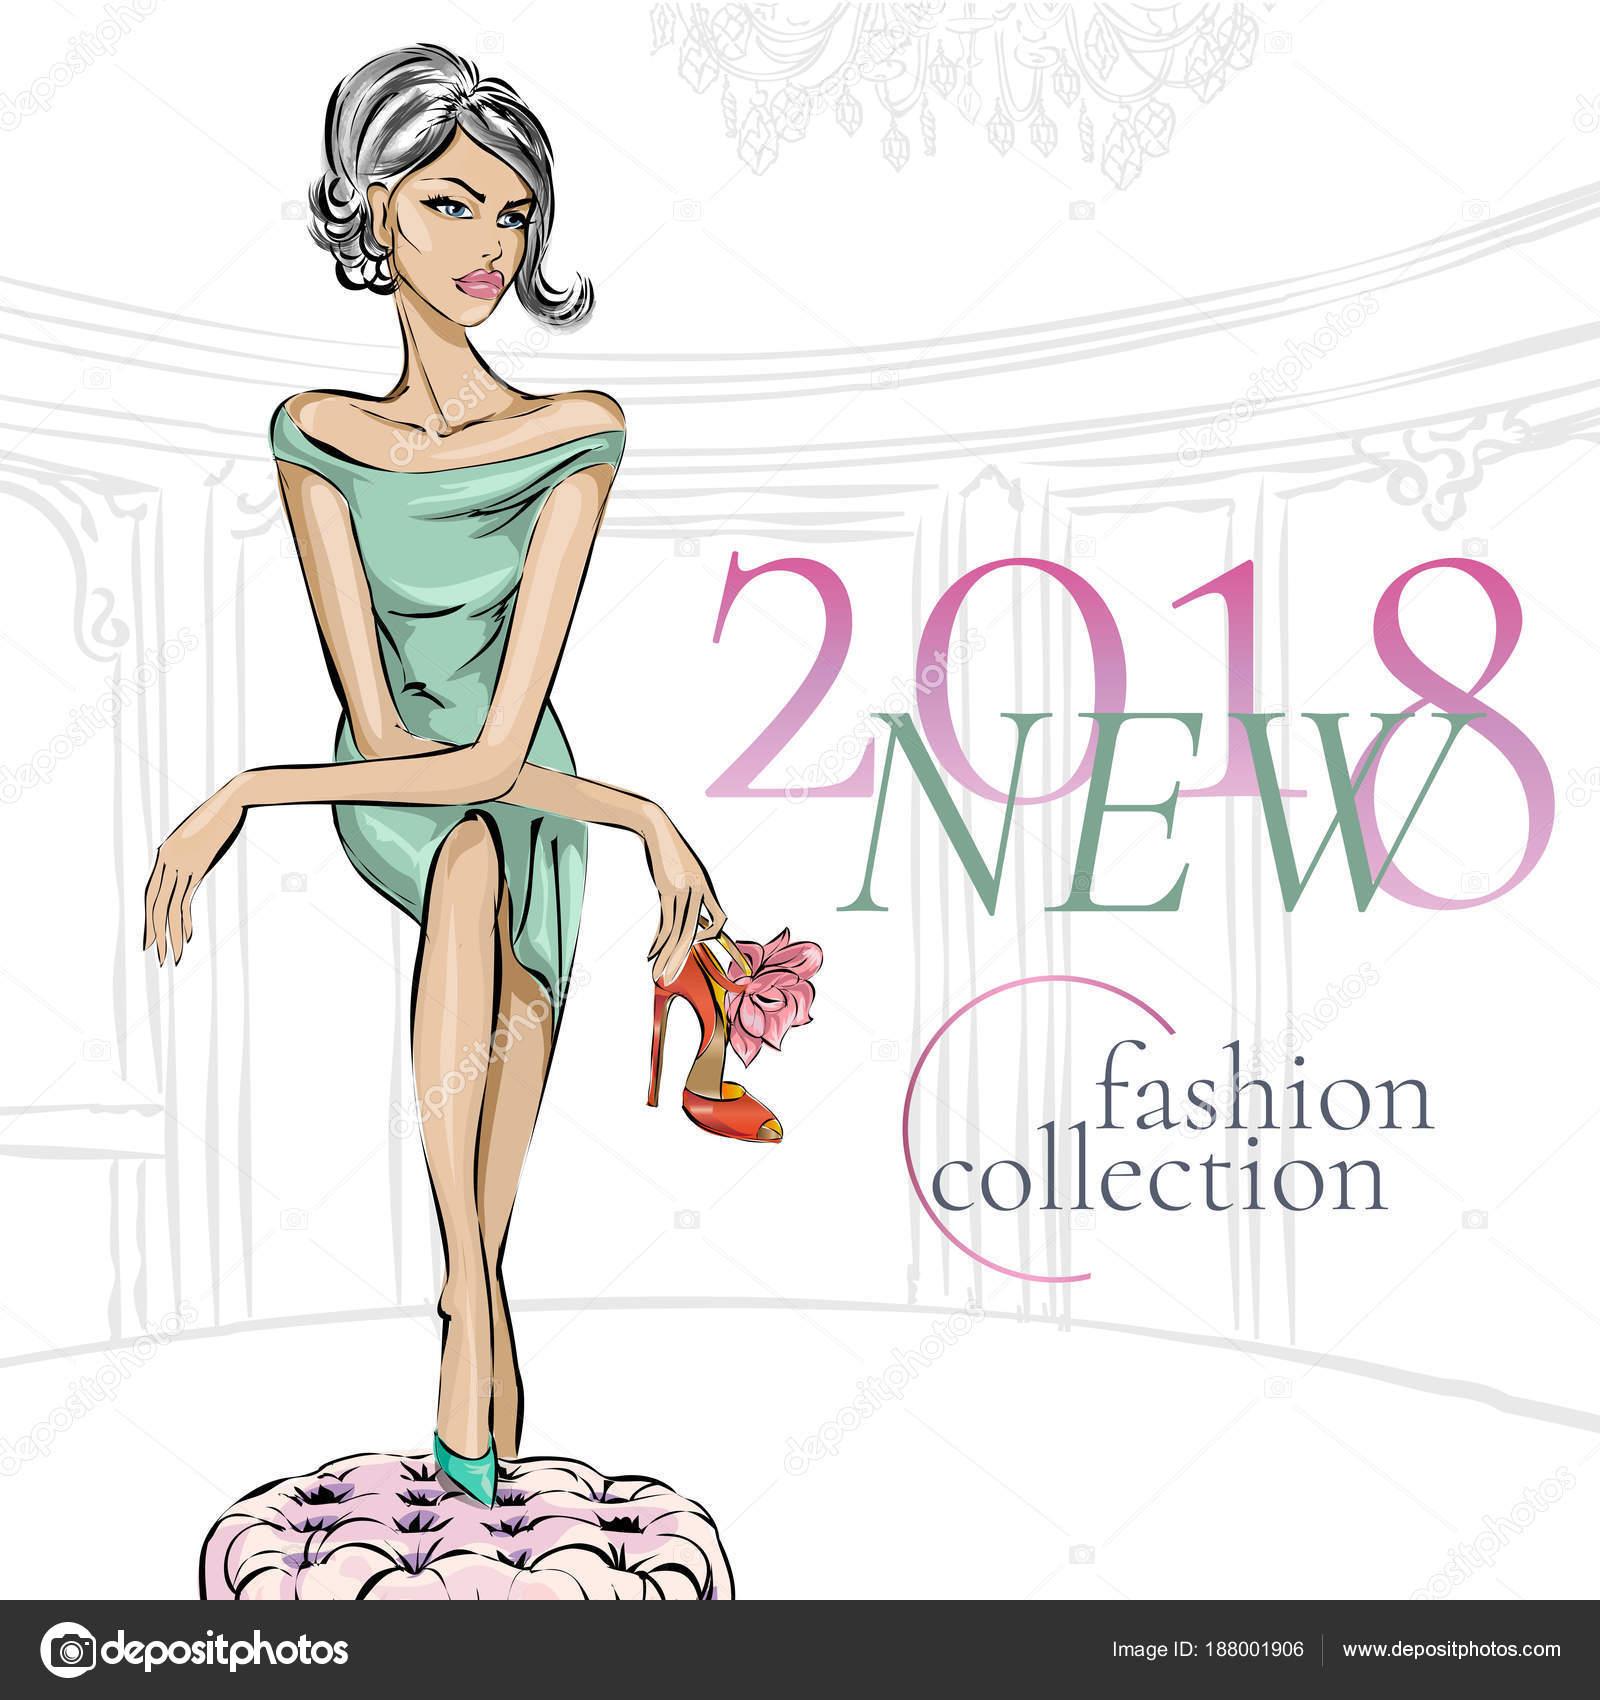 7c32d8eaed0d Scarpe shopping, lusso moda donna, illustrazione clipart arte insieme  vettoriale - immagini: scarpa tacco clipart — Vettoriali di SofiaPink